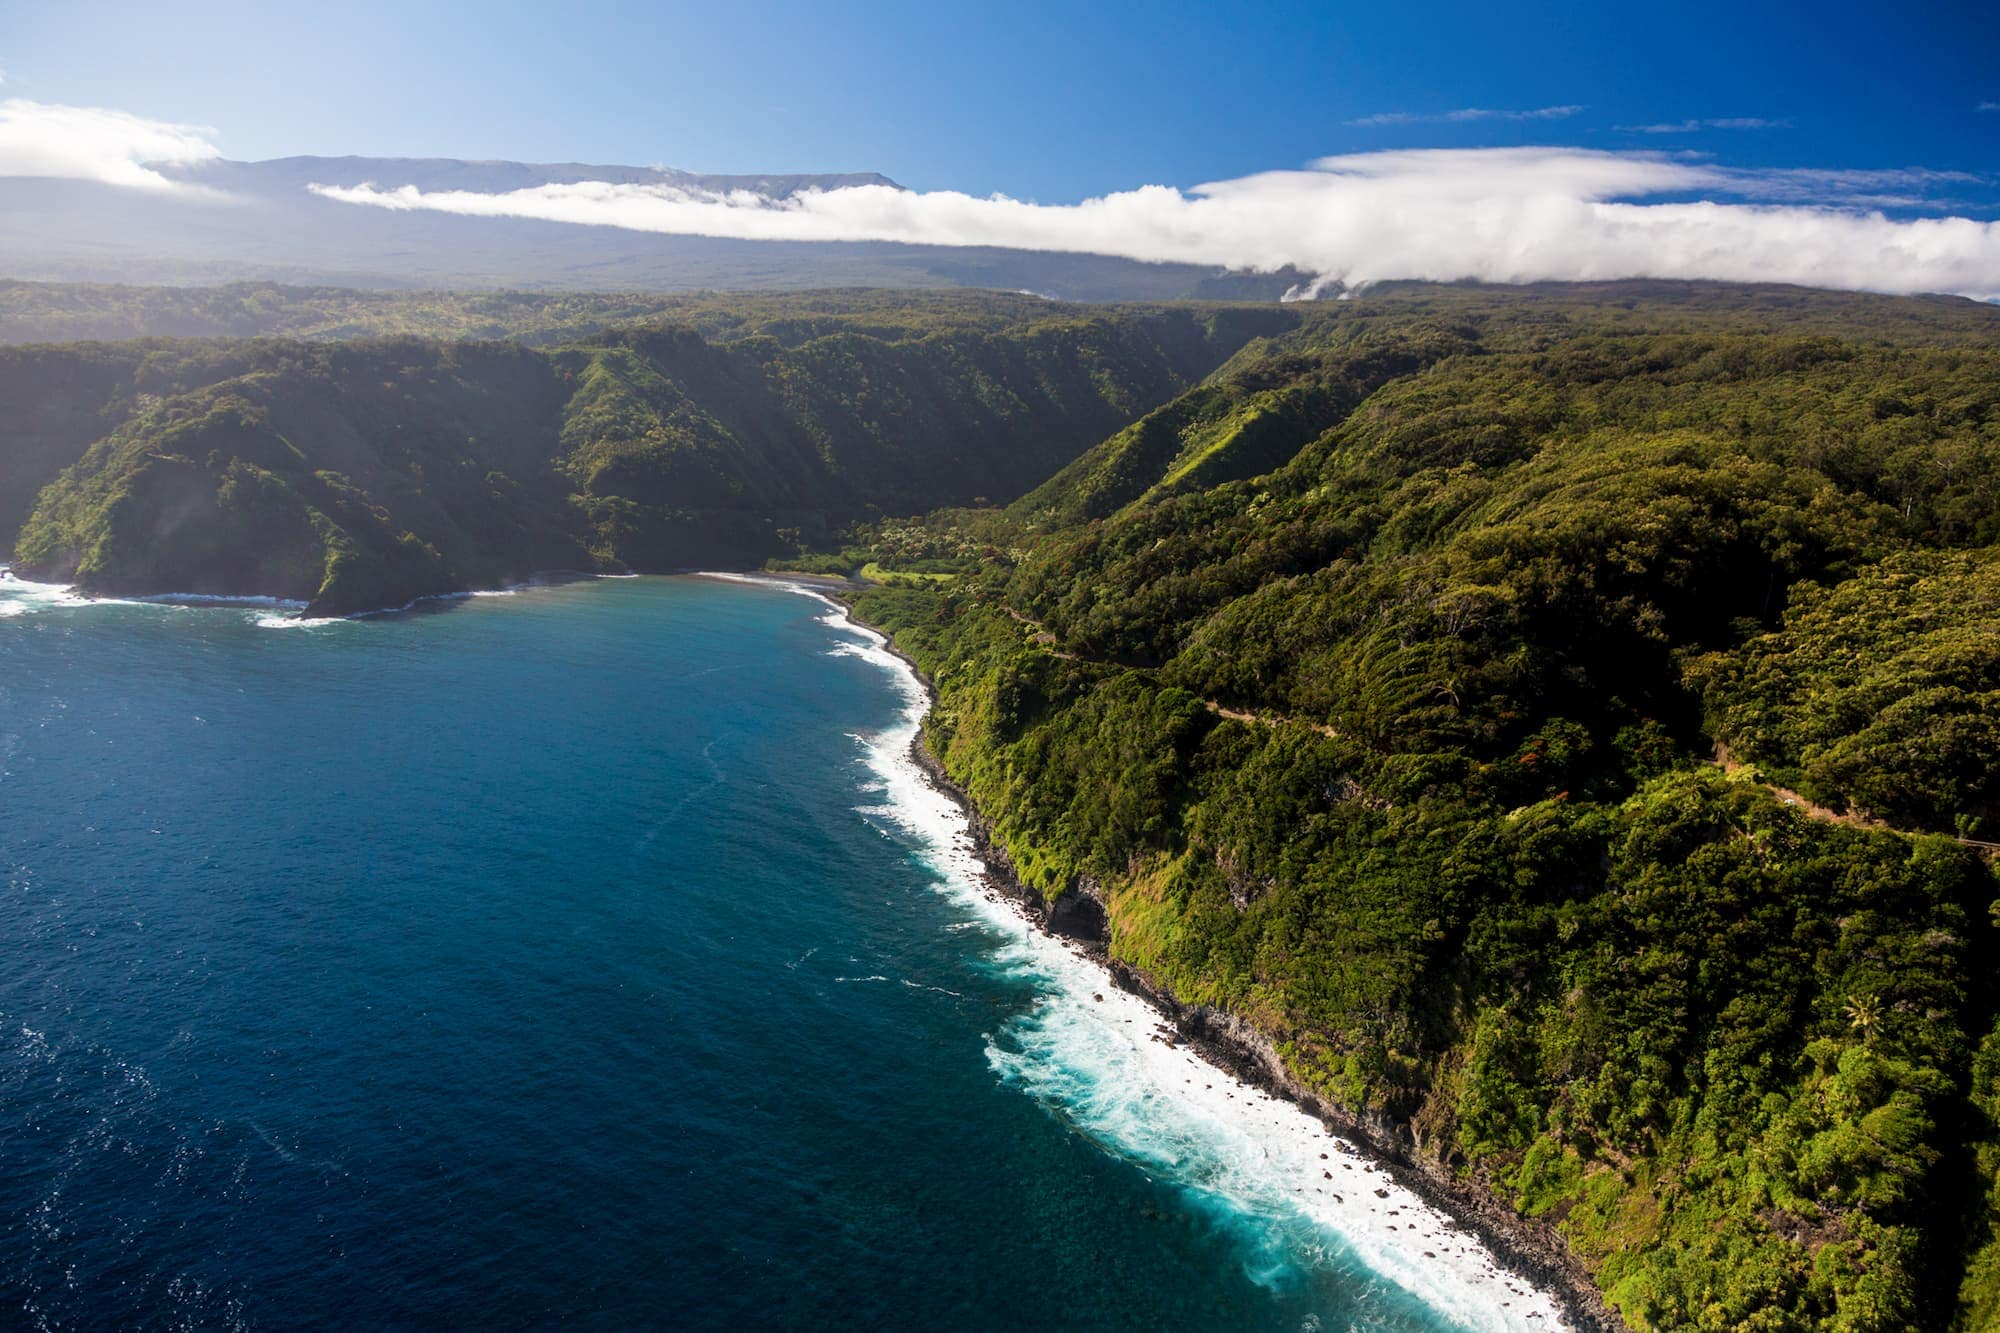 Road to Hana (Maui)